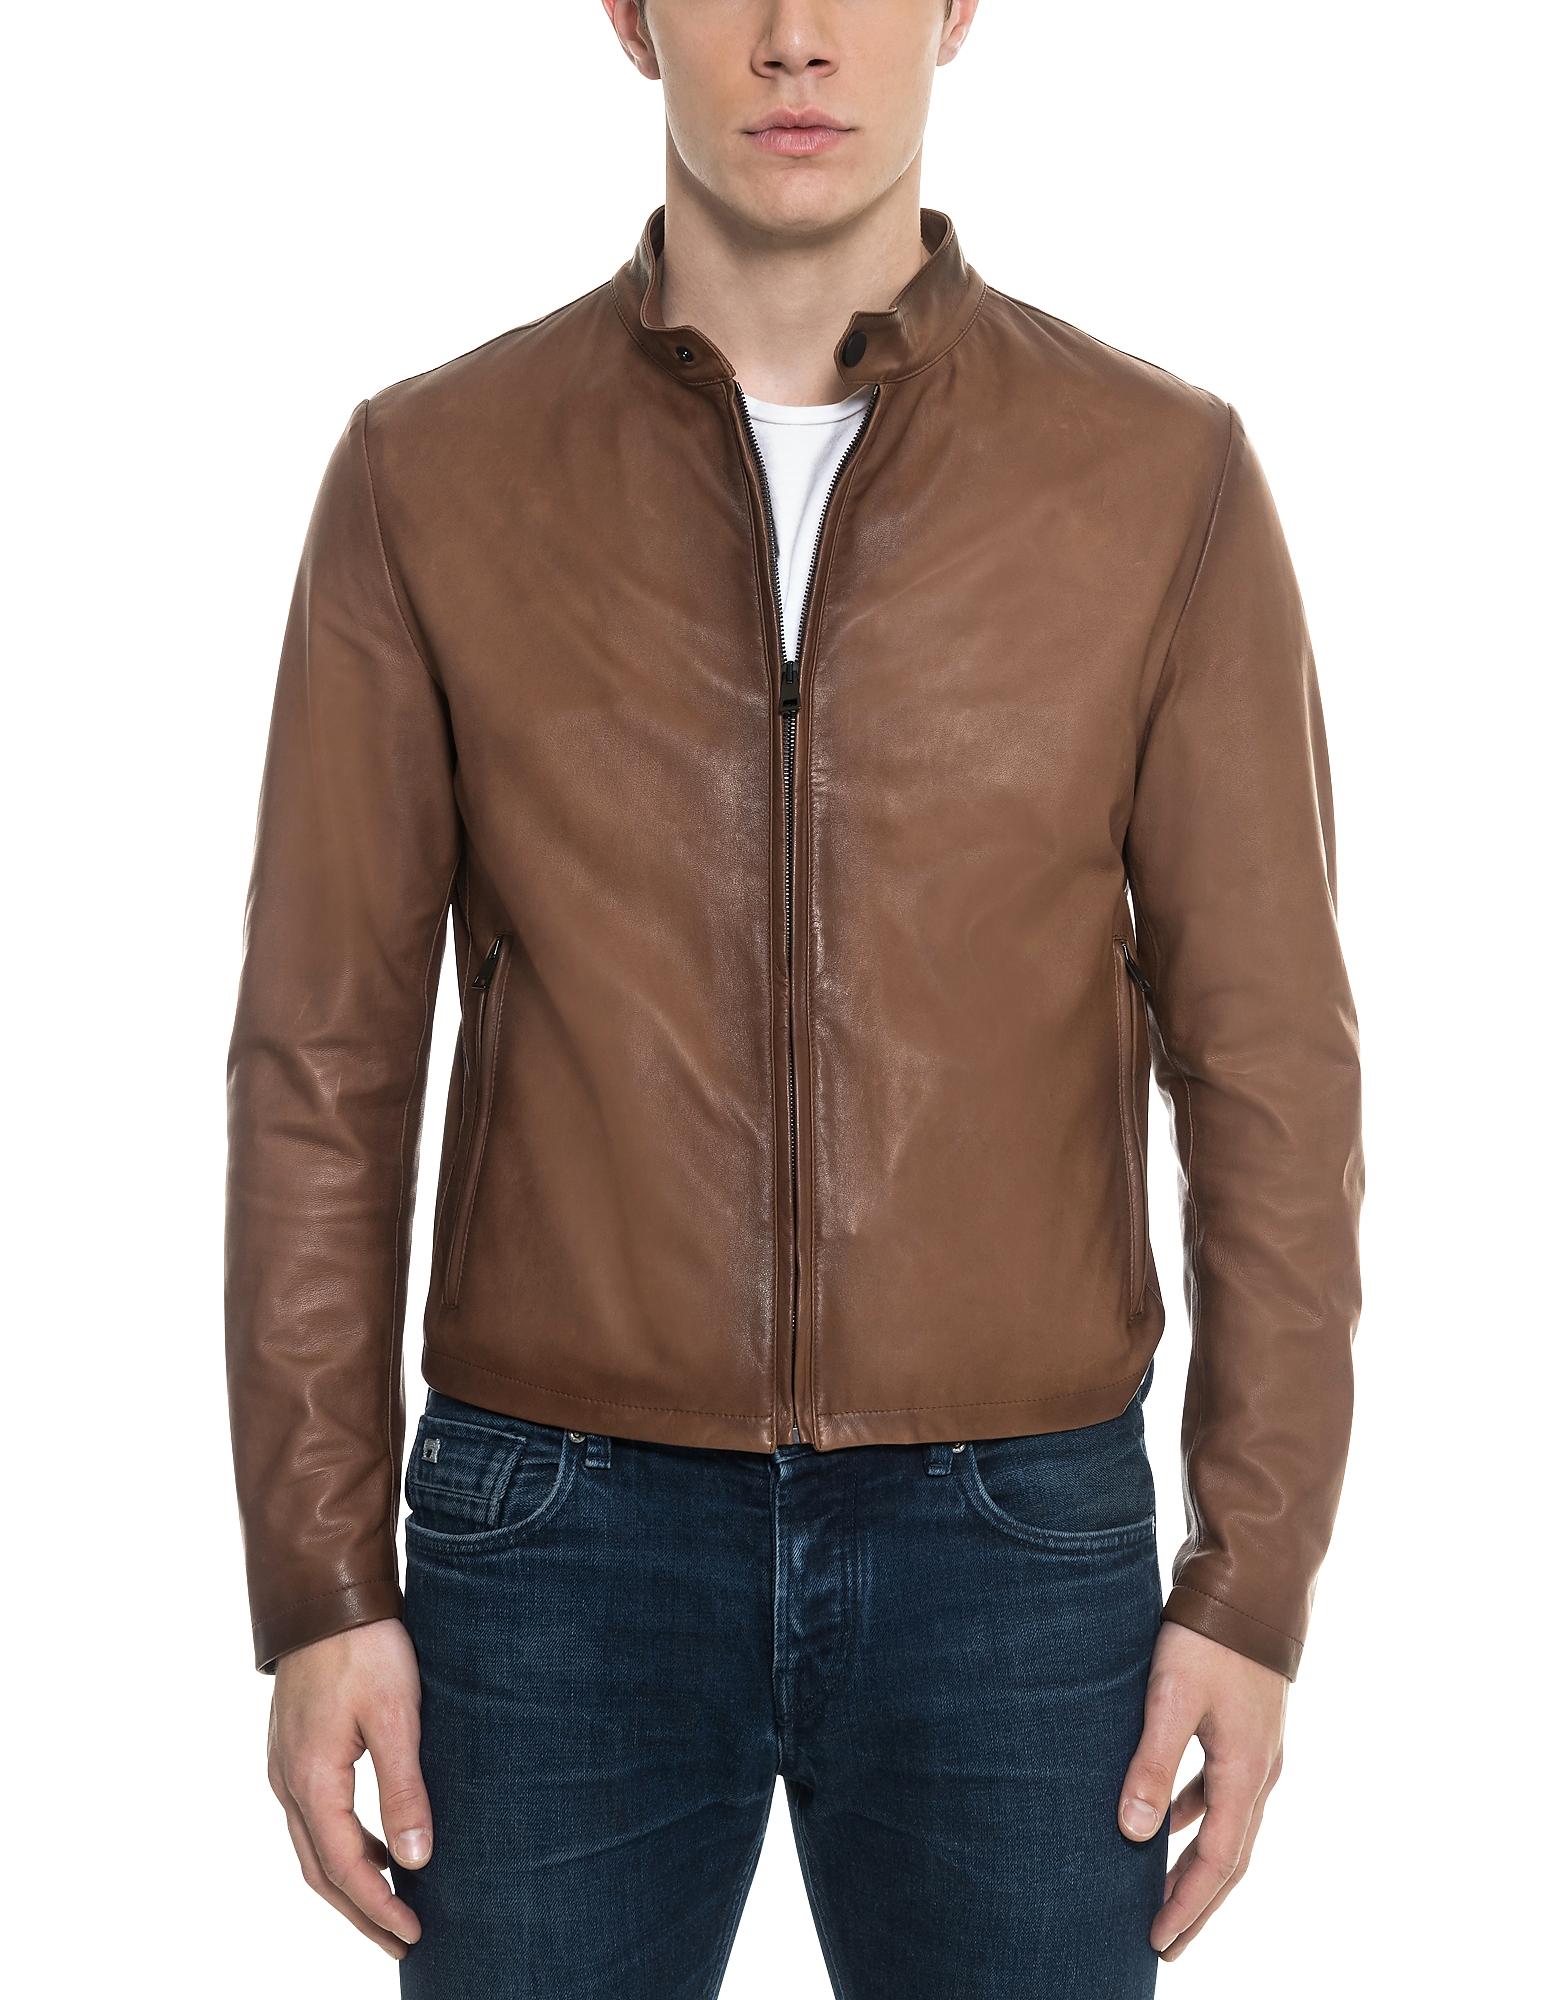 Brown Leather Men's Biker Jacket